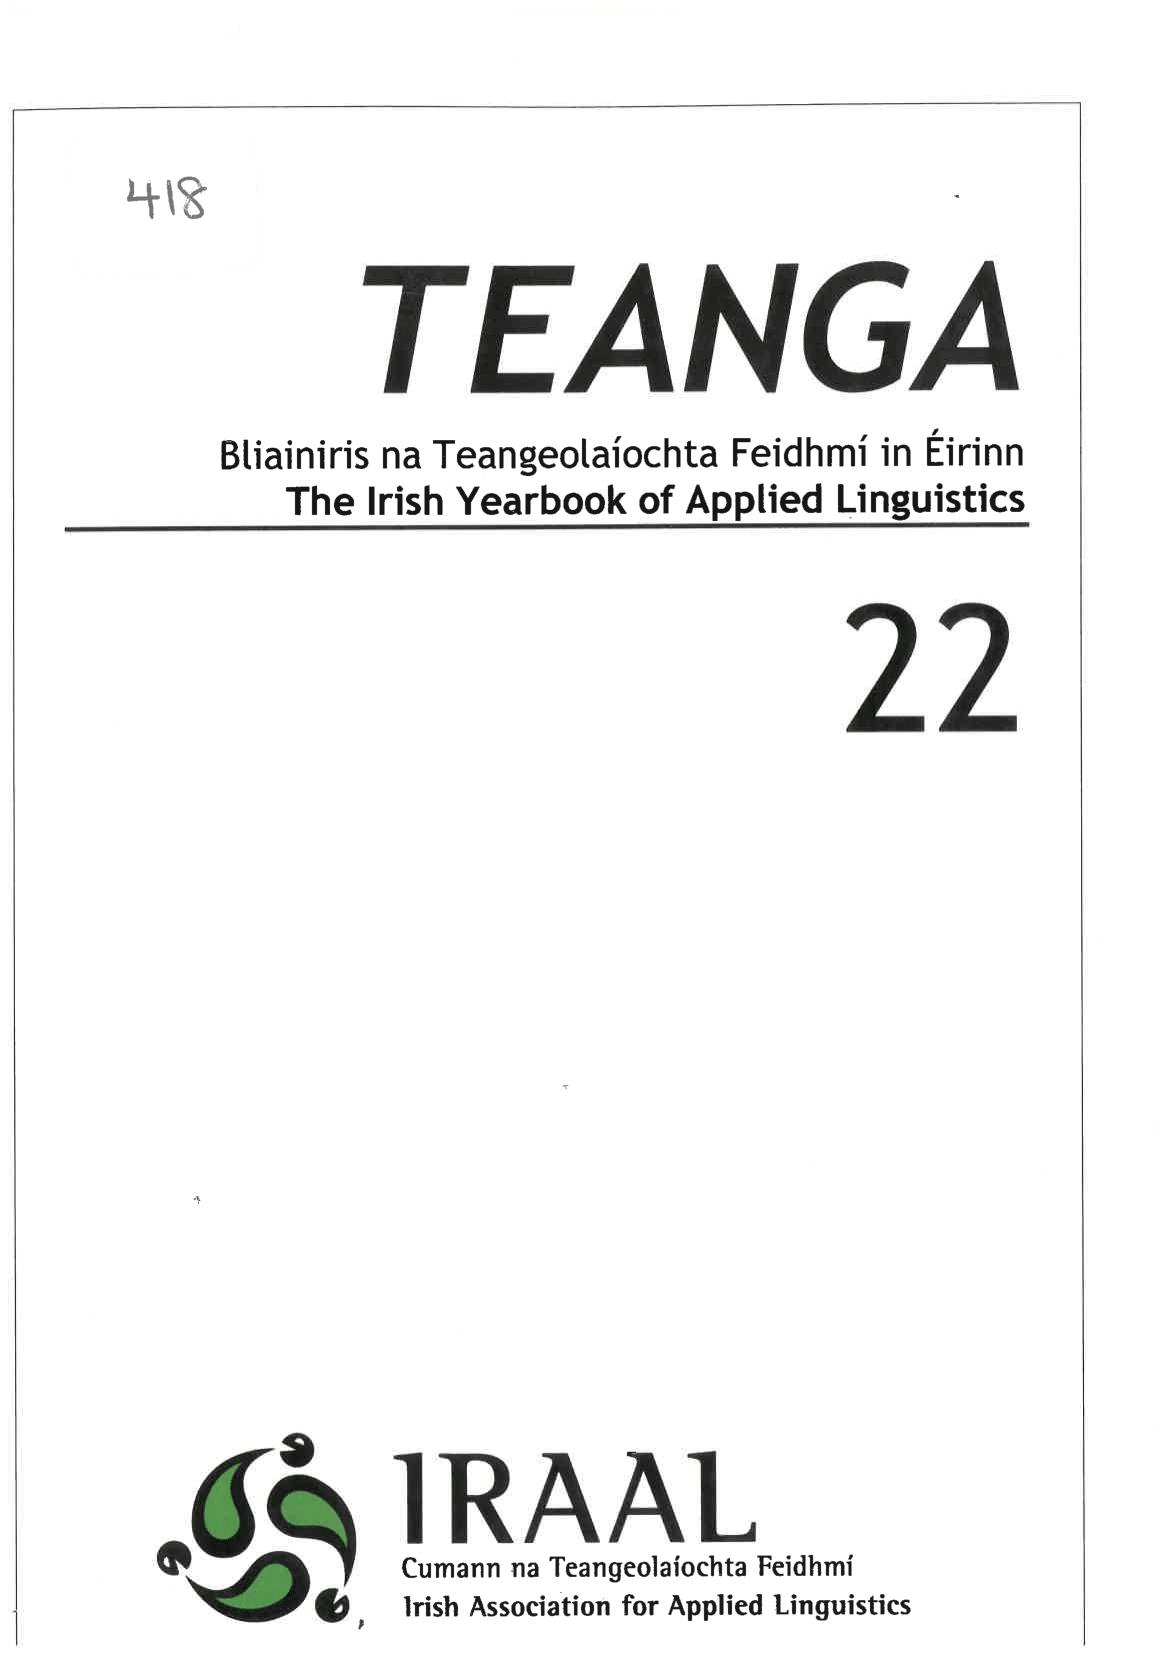 TEANGA 22 cover